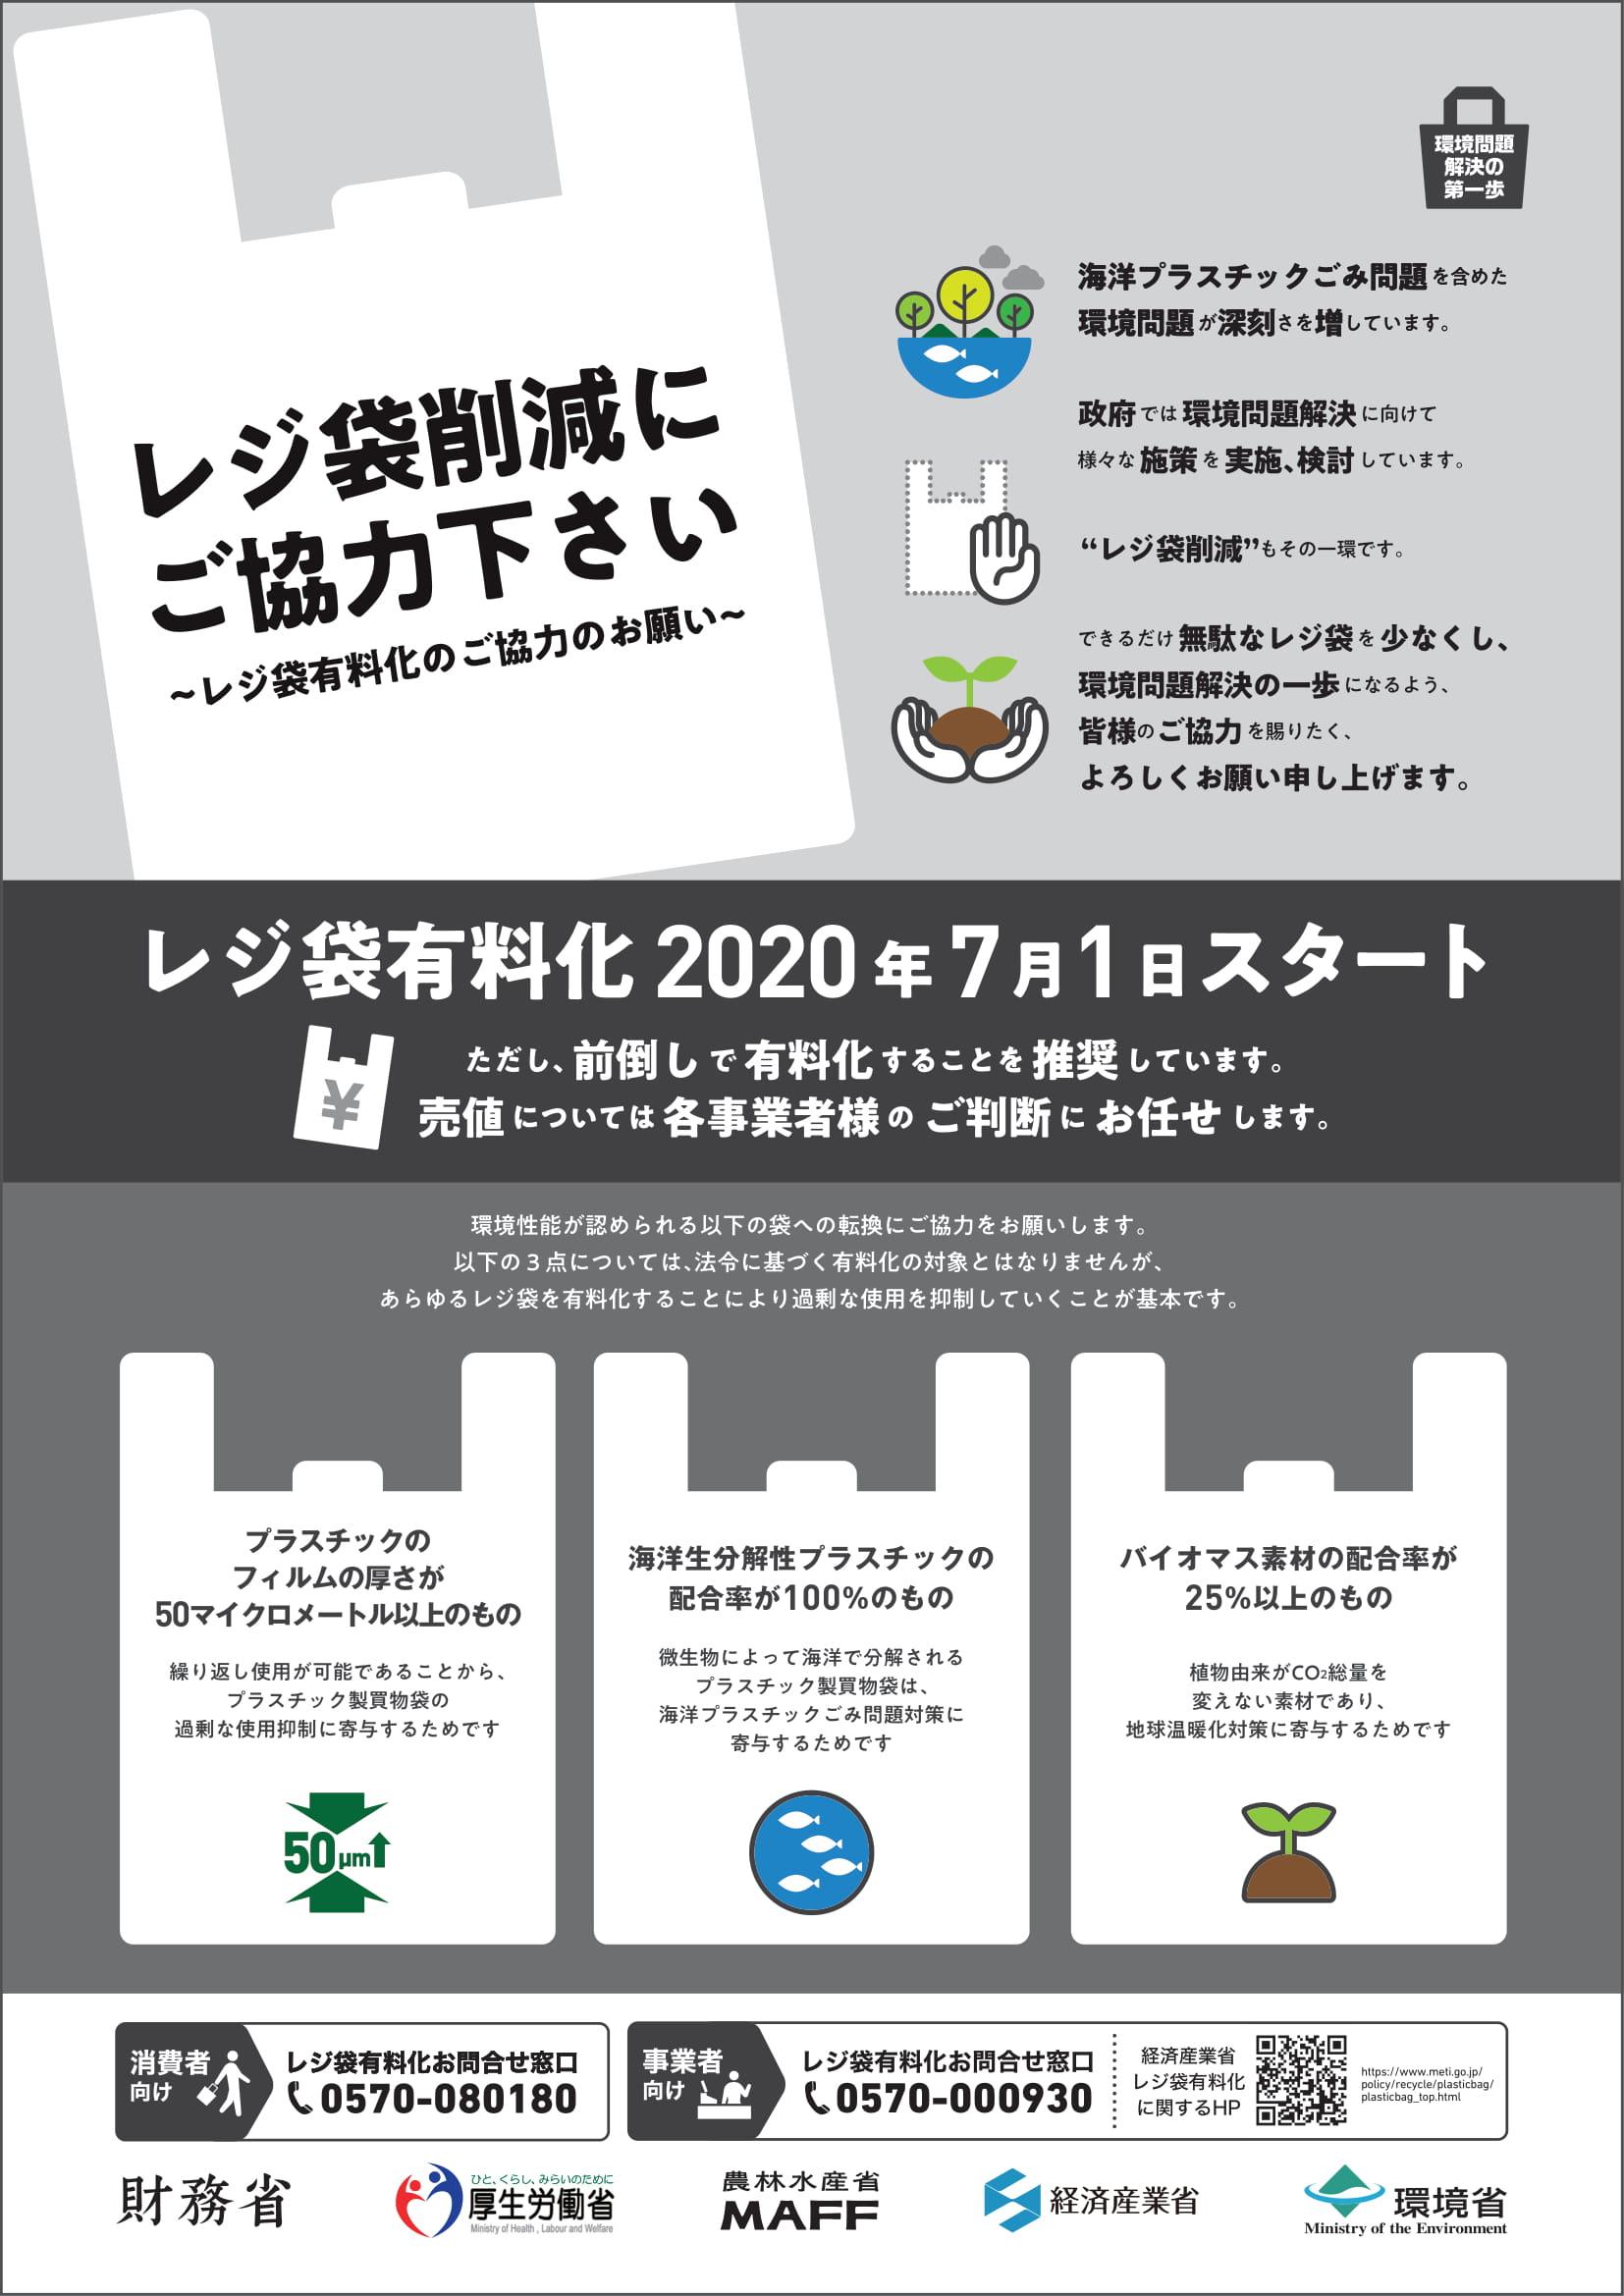 レジ袋有料化2020